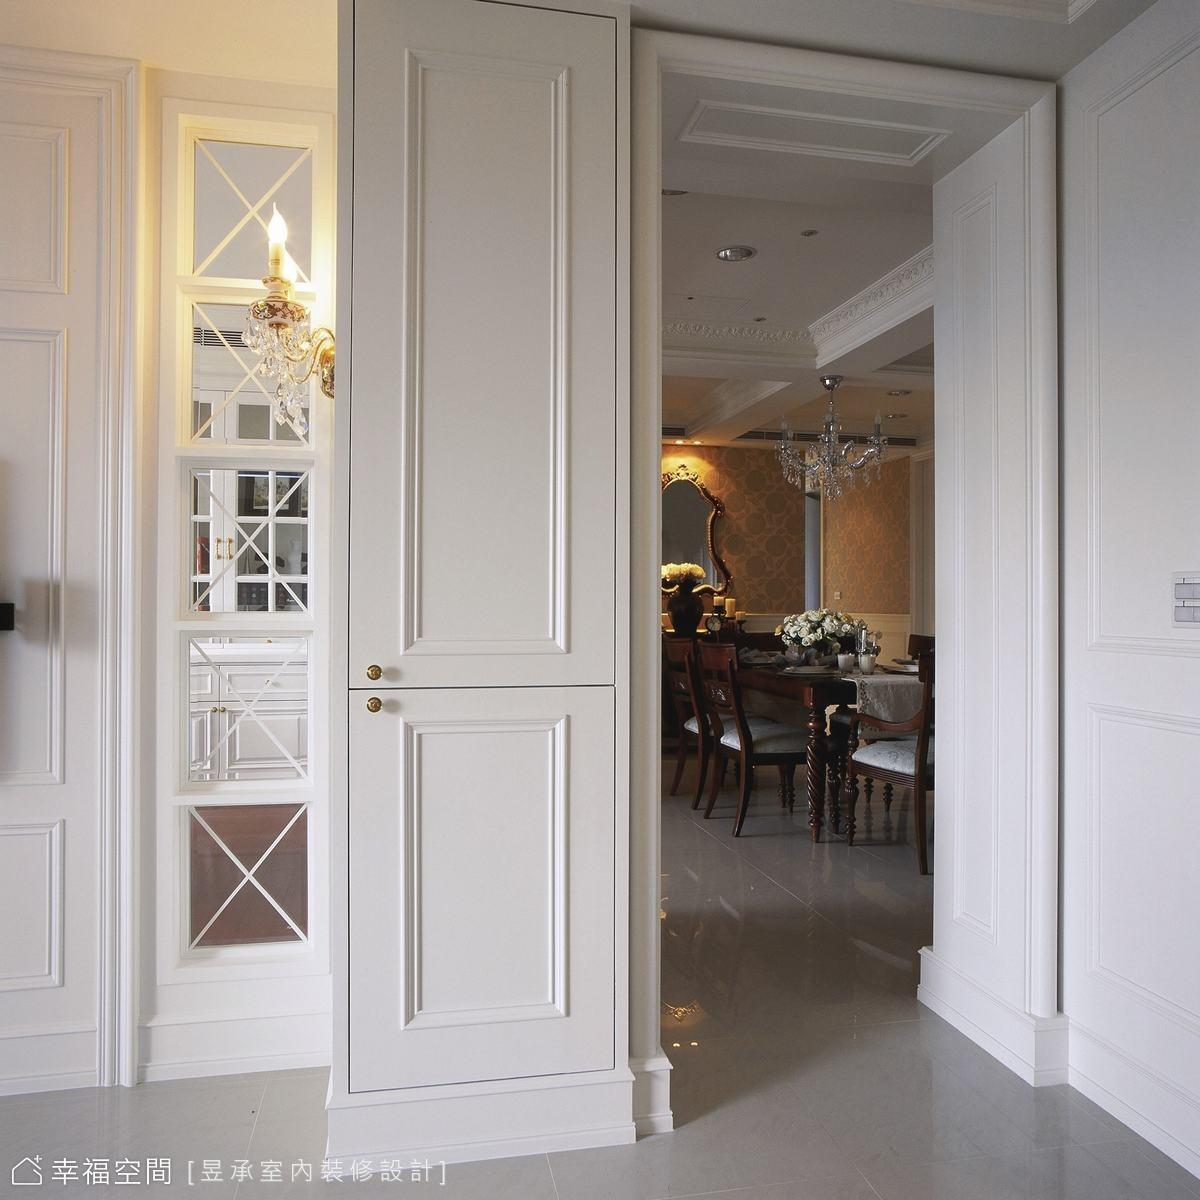 空間的銜接與轉換,深長型動線裡雙面櫃體為隔間,應用出鞋櫃與餐櫥櫃體的功能變化。